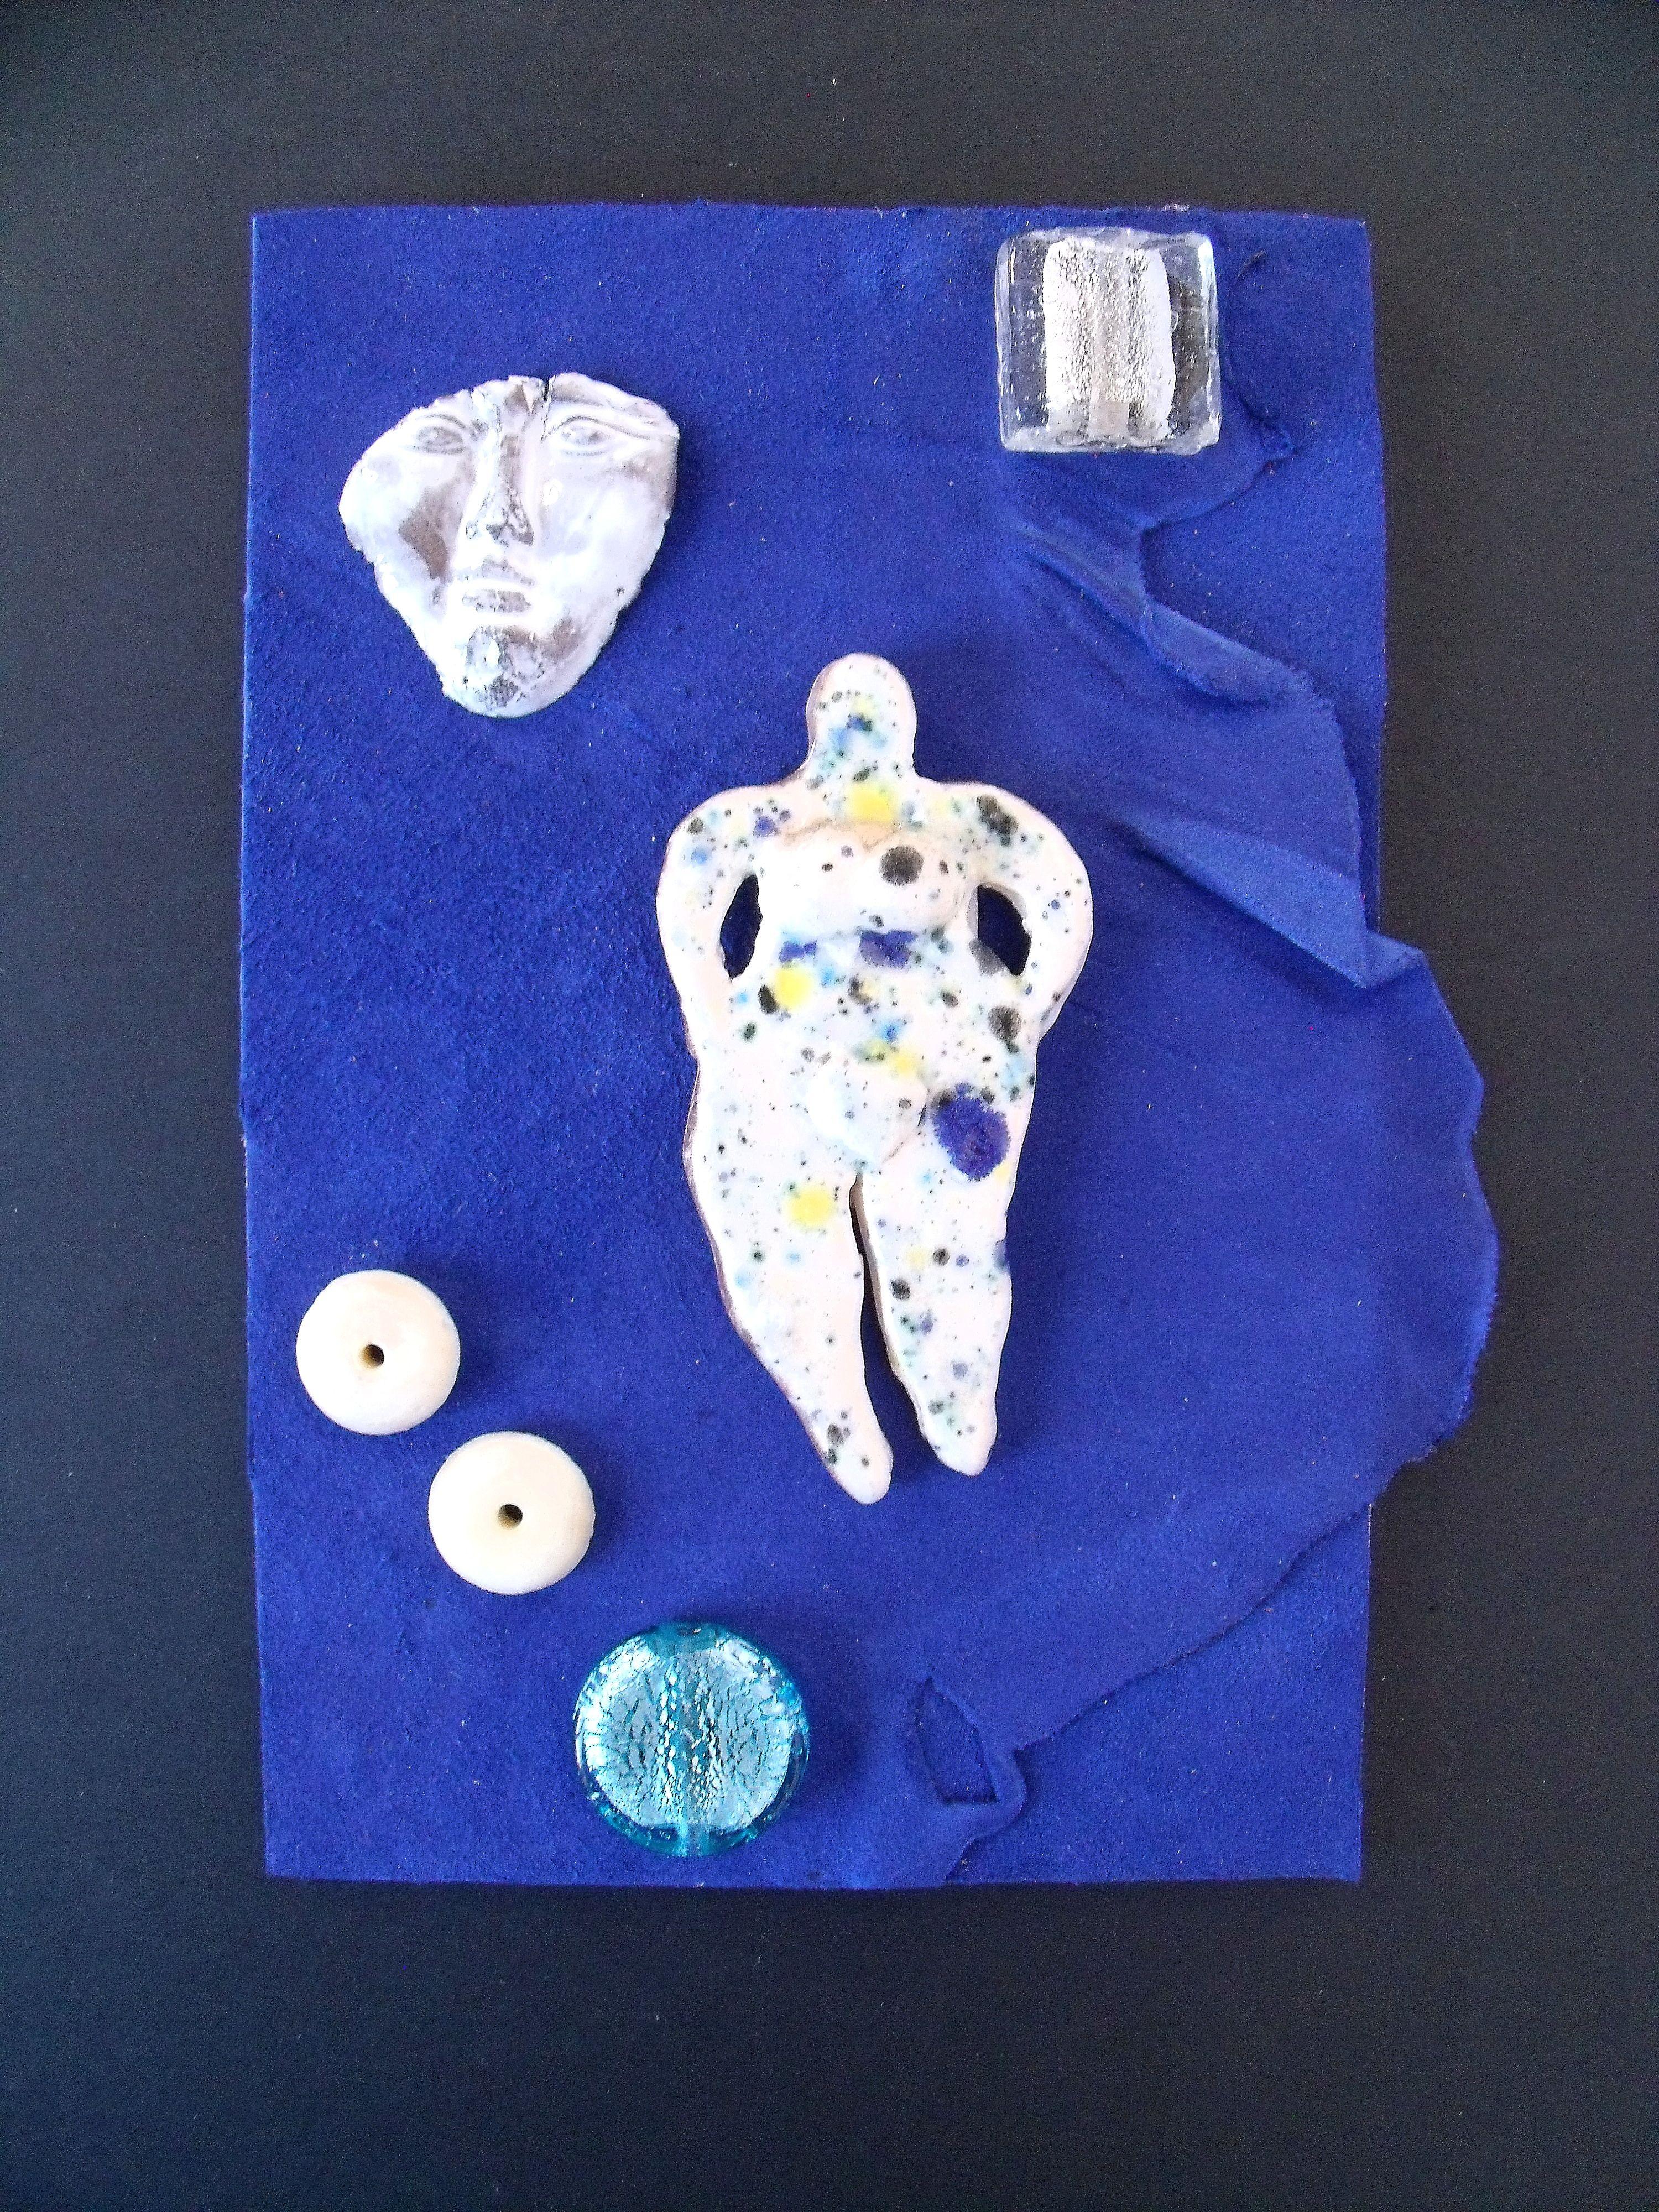 """Tableau d'un cuir bleu Klein collé sur une planchette de bois avec personnage central en céramique et perles.. """"Ma déchirure"""""""